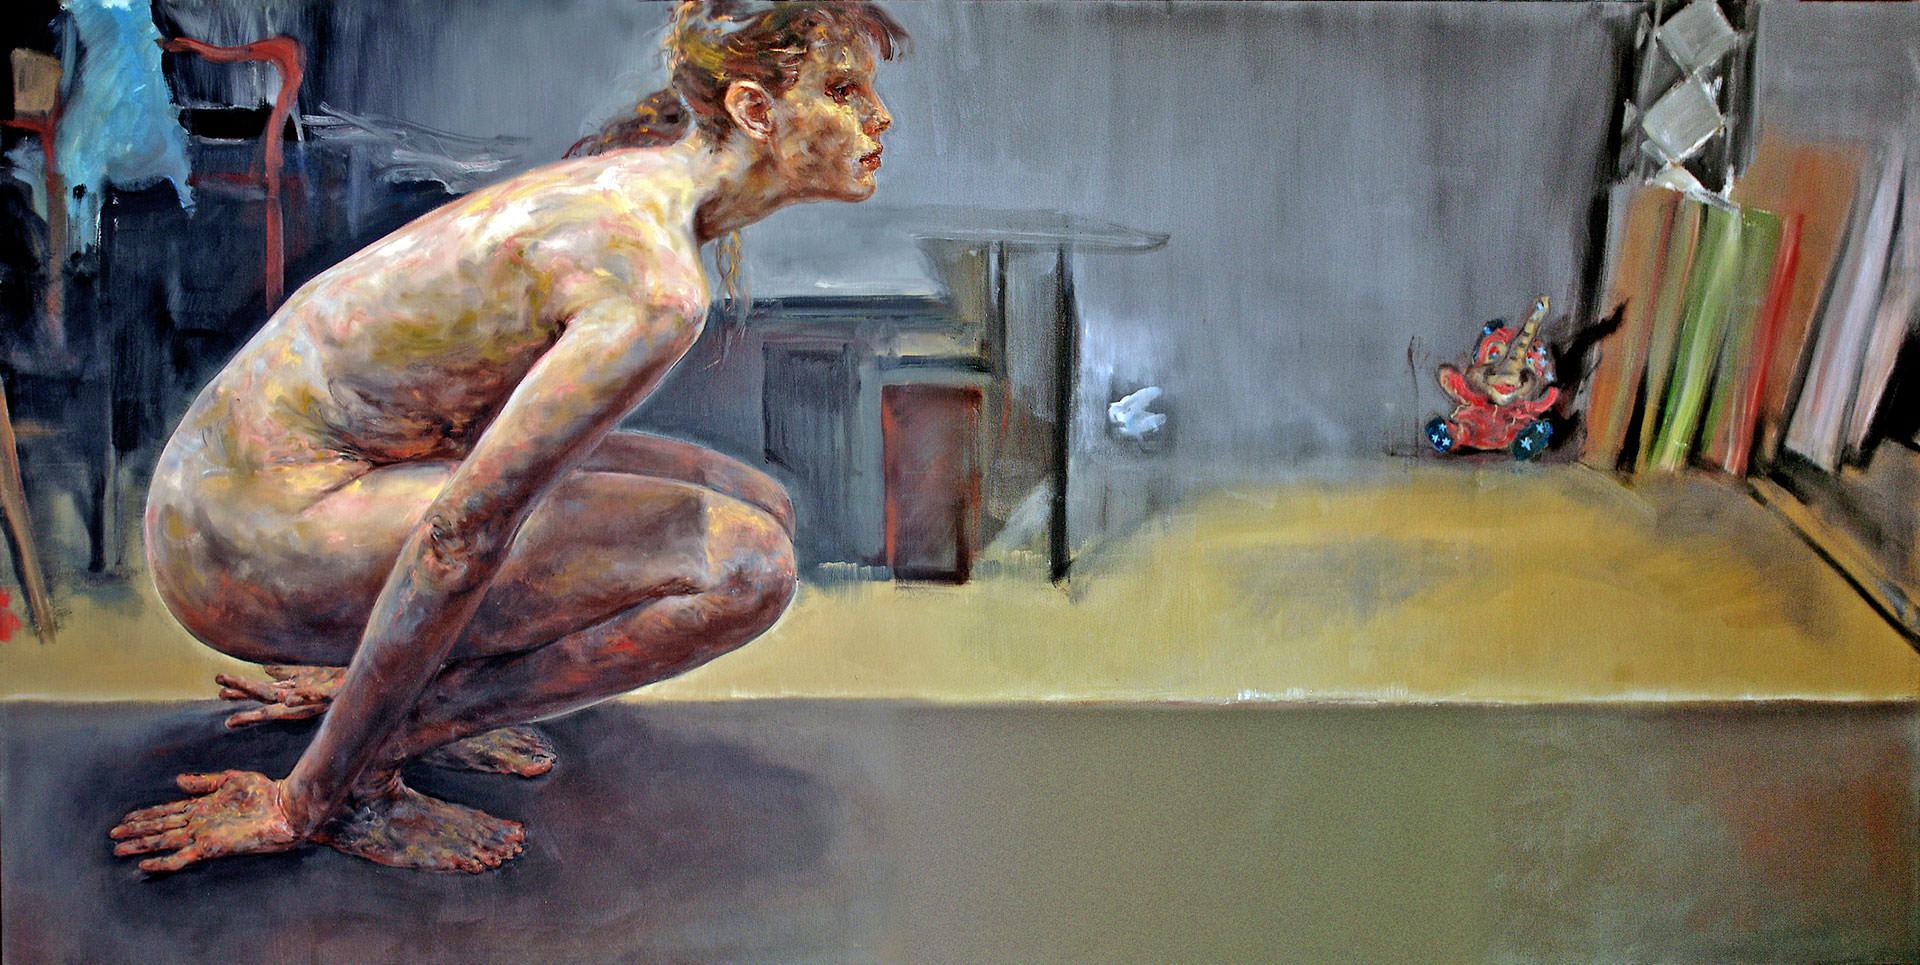 Springerin 2004 155 x 310 cm peinture à l'huile sur toile par Günther Roeder